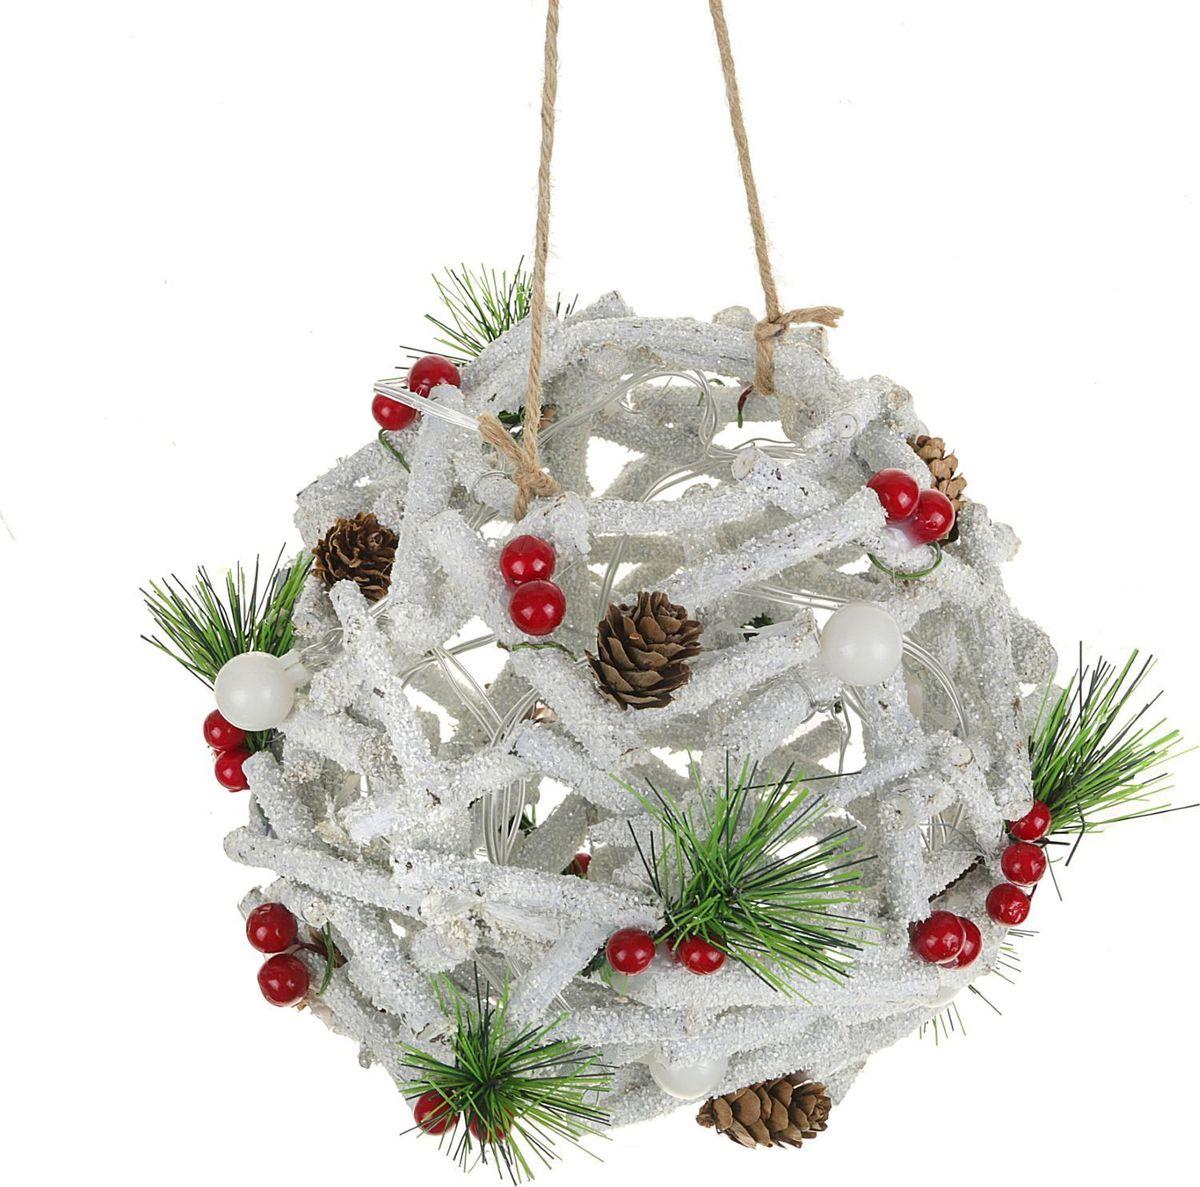 Новогоднее декоративное украшение Sima-land Шар из белых веток, со светодиодной подсветкой, диаметр 21 см декоративное украшение арти м ангелочек 9 см с подсветкой